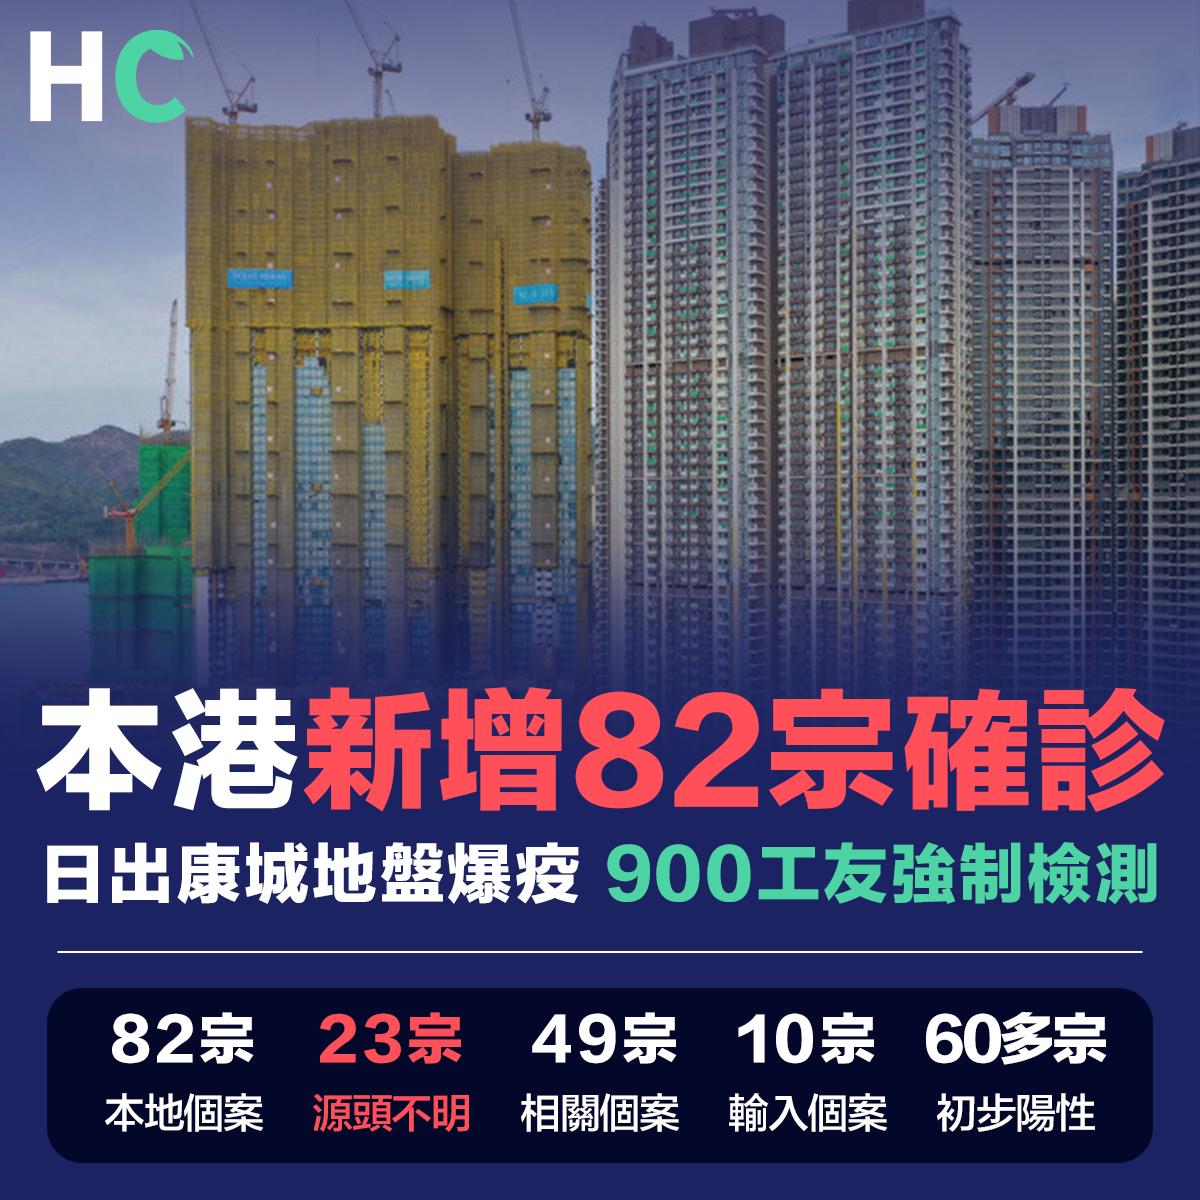 本港新增82宗確診 日出康城地盤爆疫 900工友強制檢測